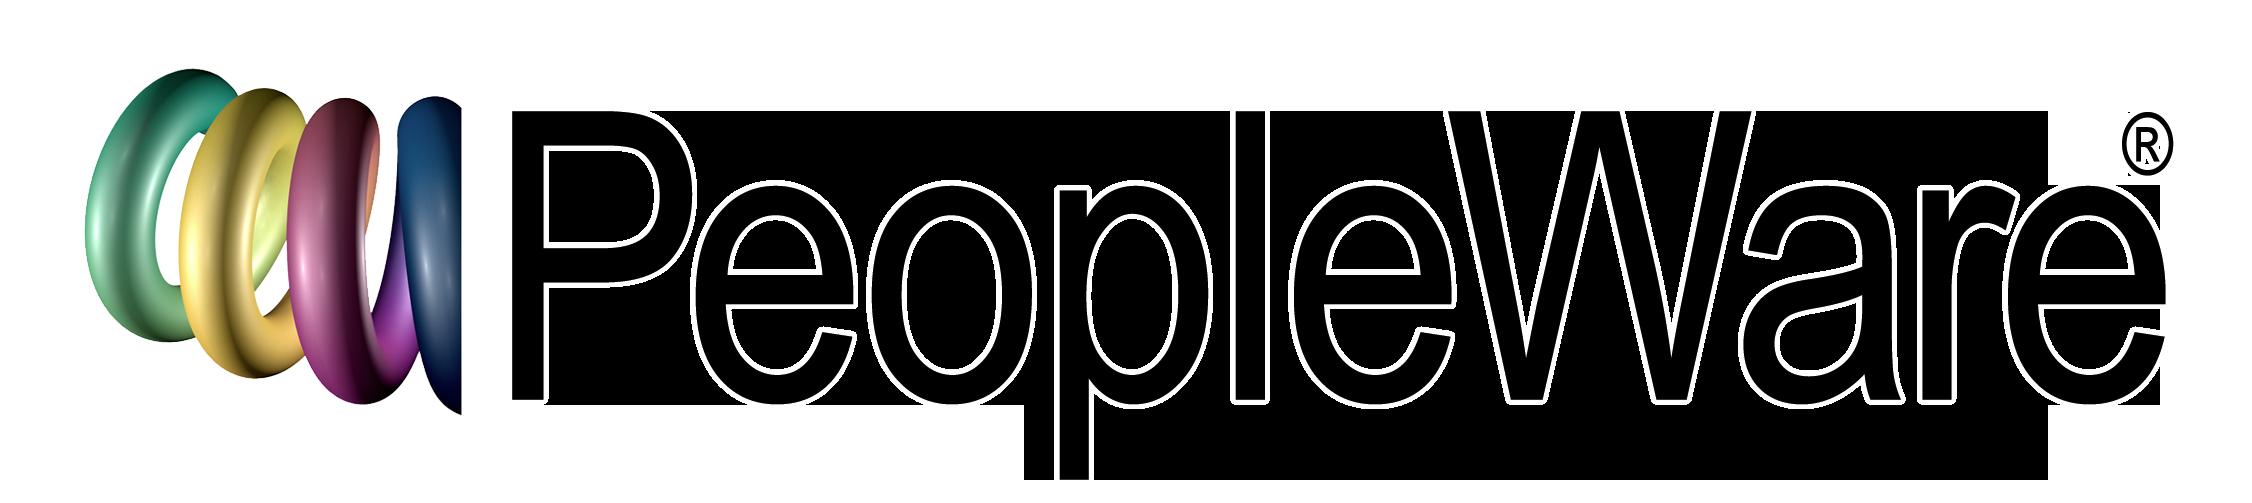 PeopleWare ®